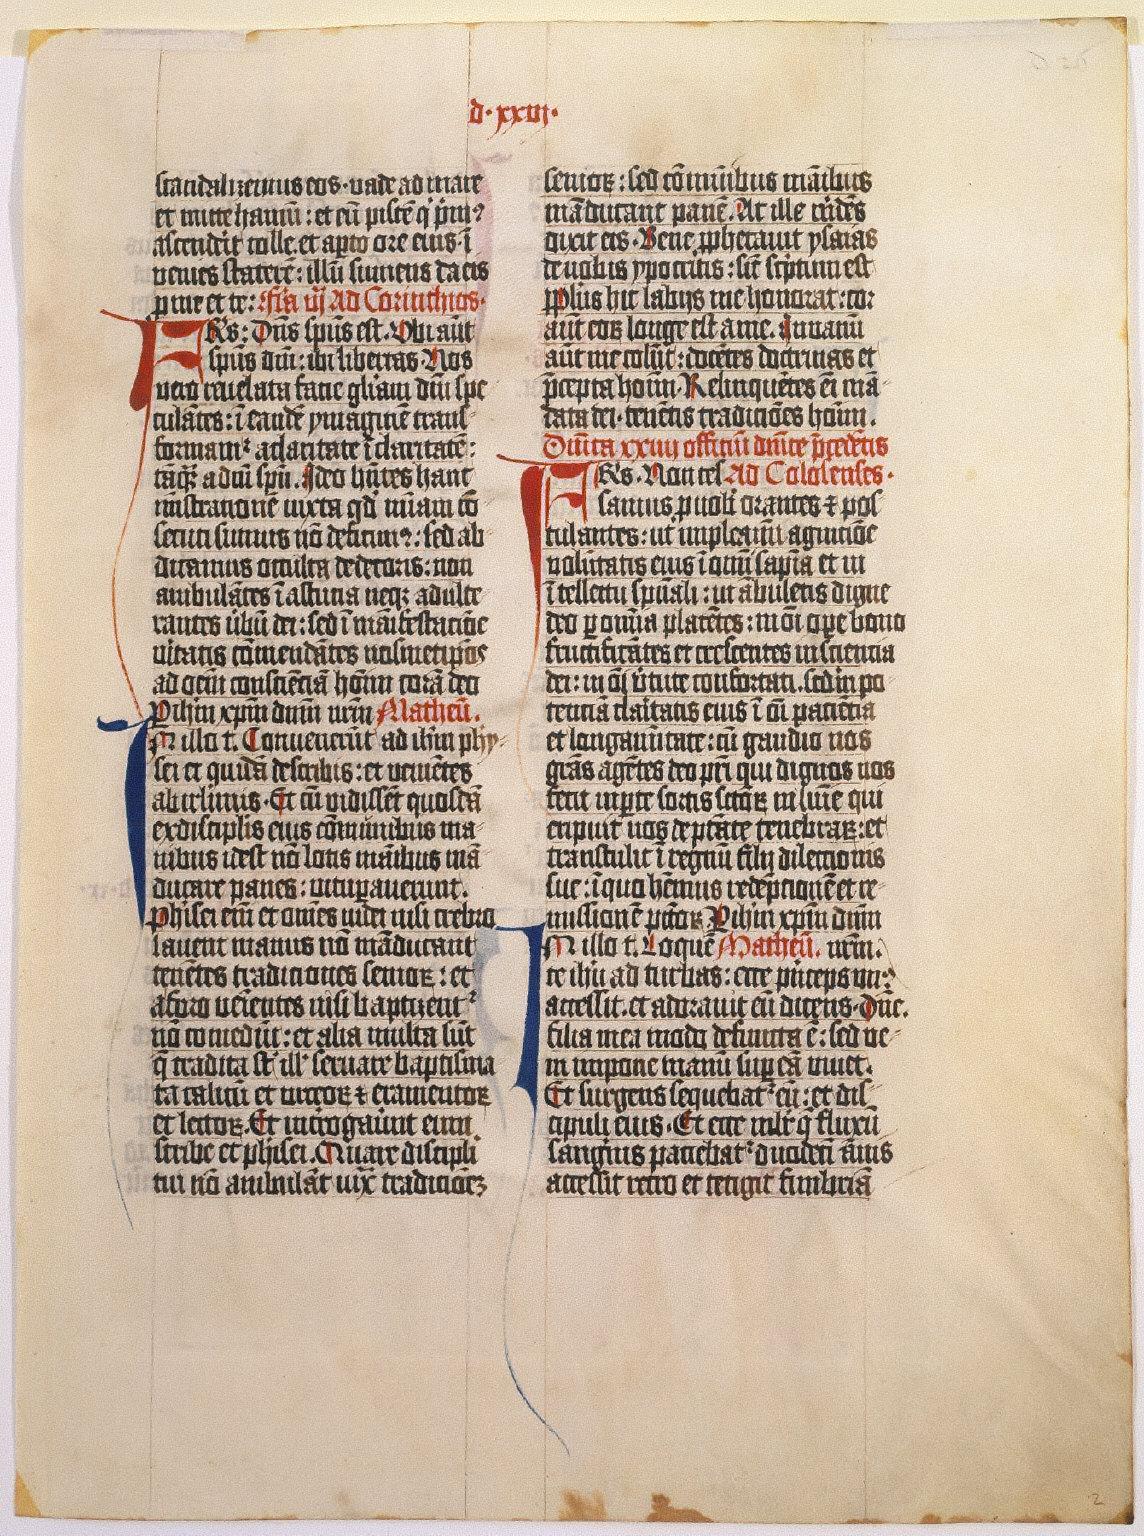 Missal Leaf